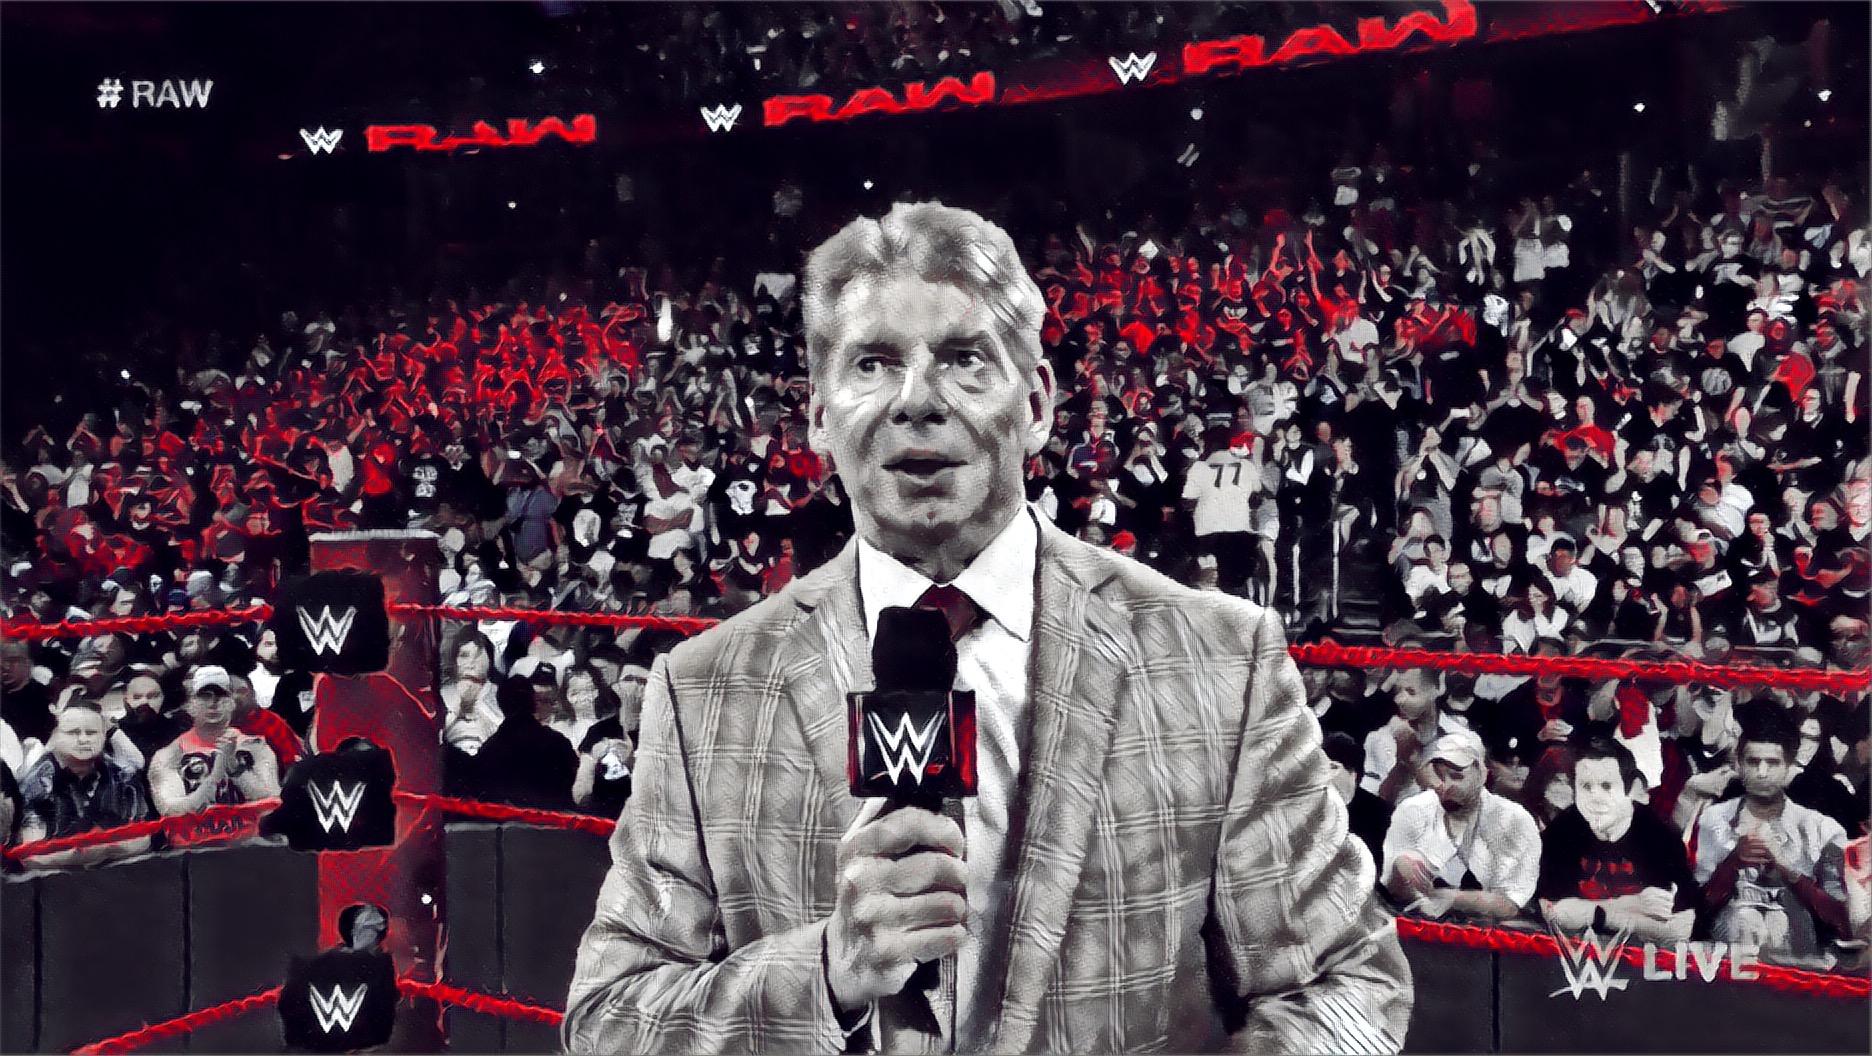 Bullying in WWE